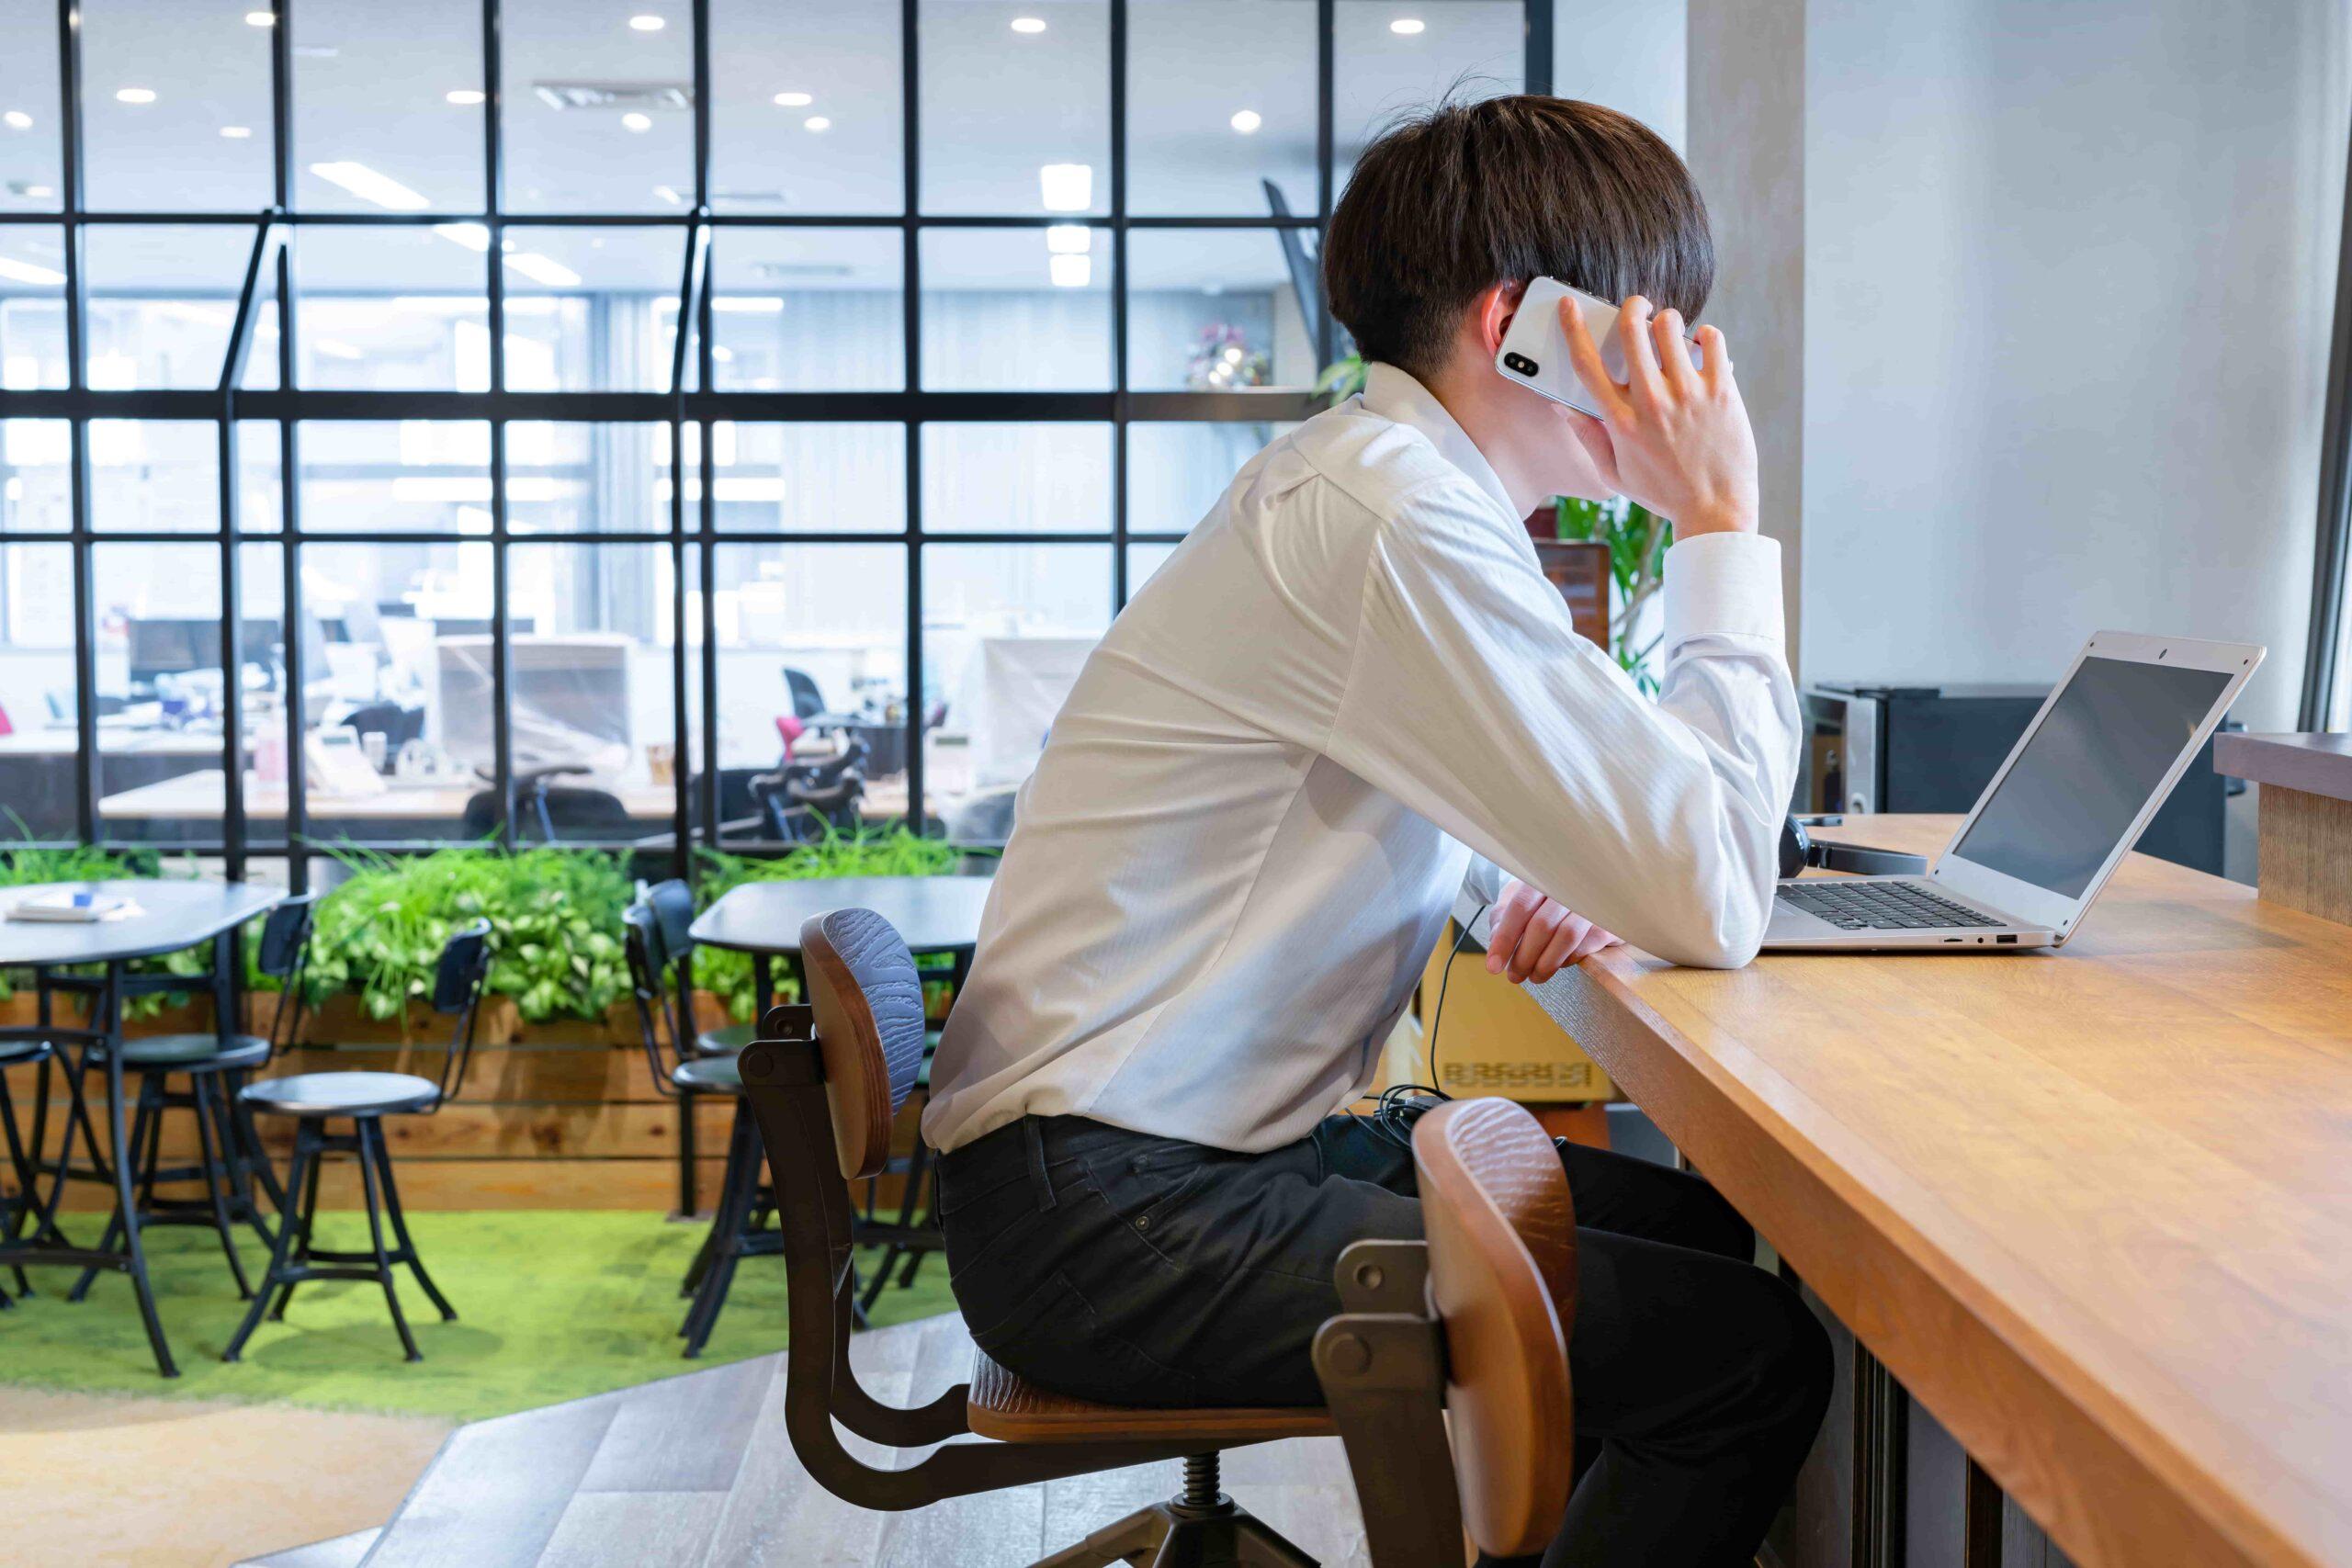 オフィスデザインが変わったのは「コロナ禍でオフィスの価値が再確認された」から